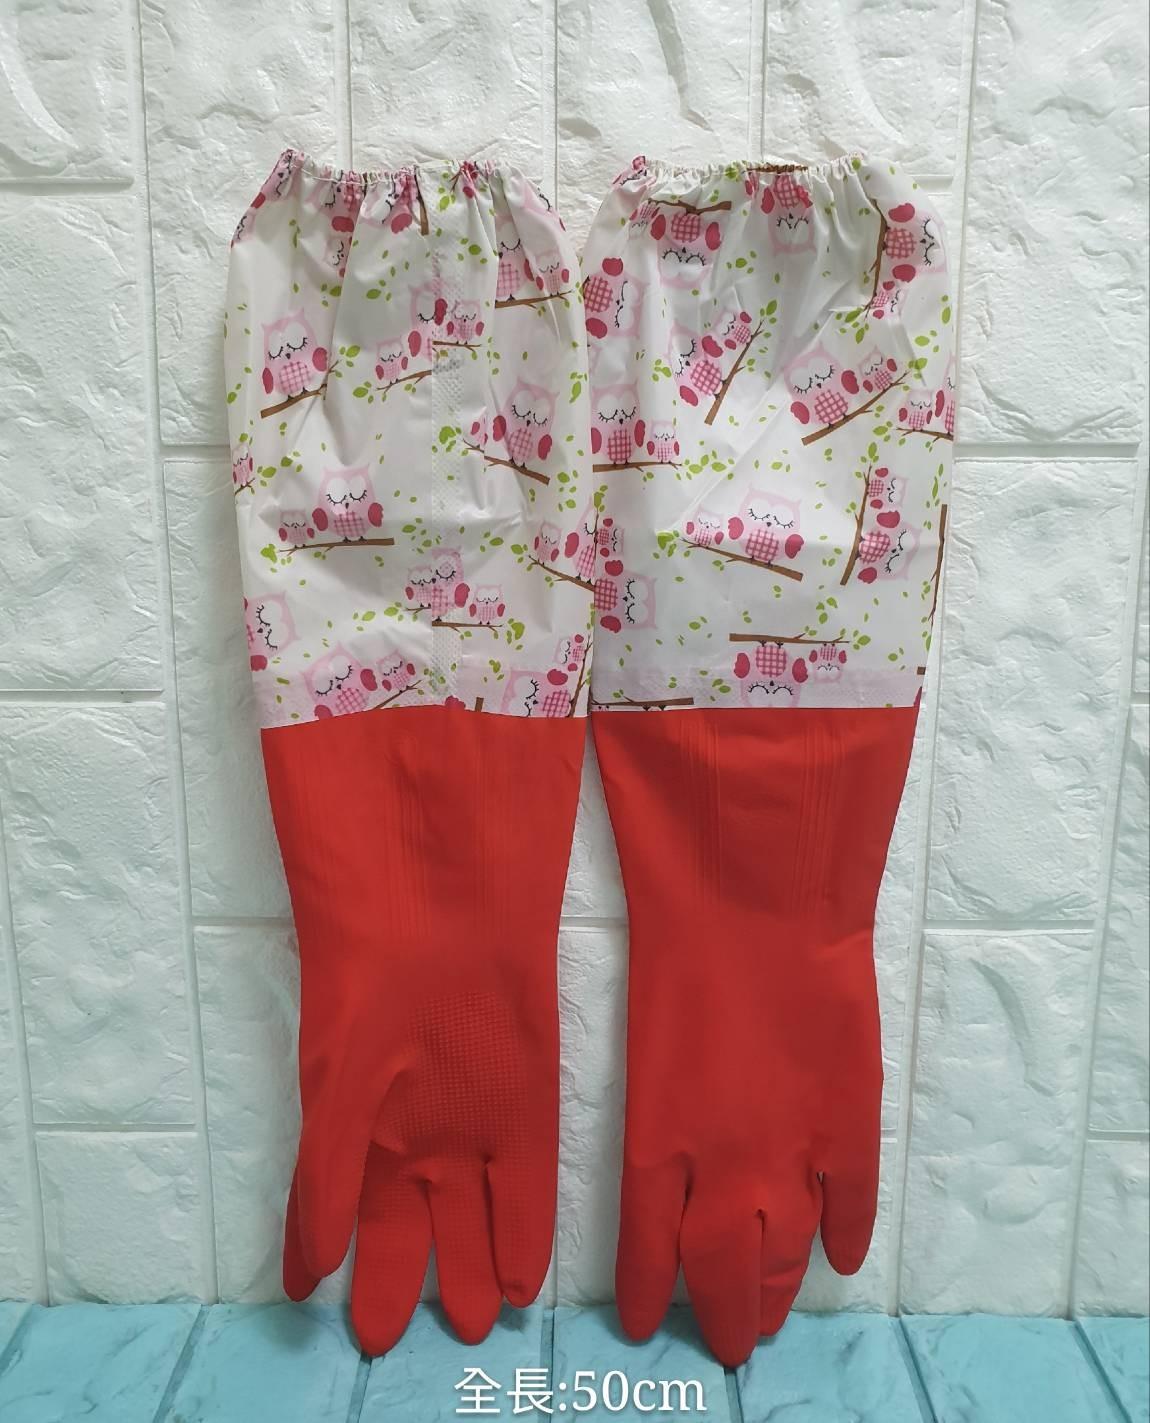 文博乳膠手套…加絨冬款 乳膠材質 柔韌有彈性 手掌防滑顆粒 貼合雙手 加絨保暖有效保護雙手